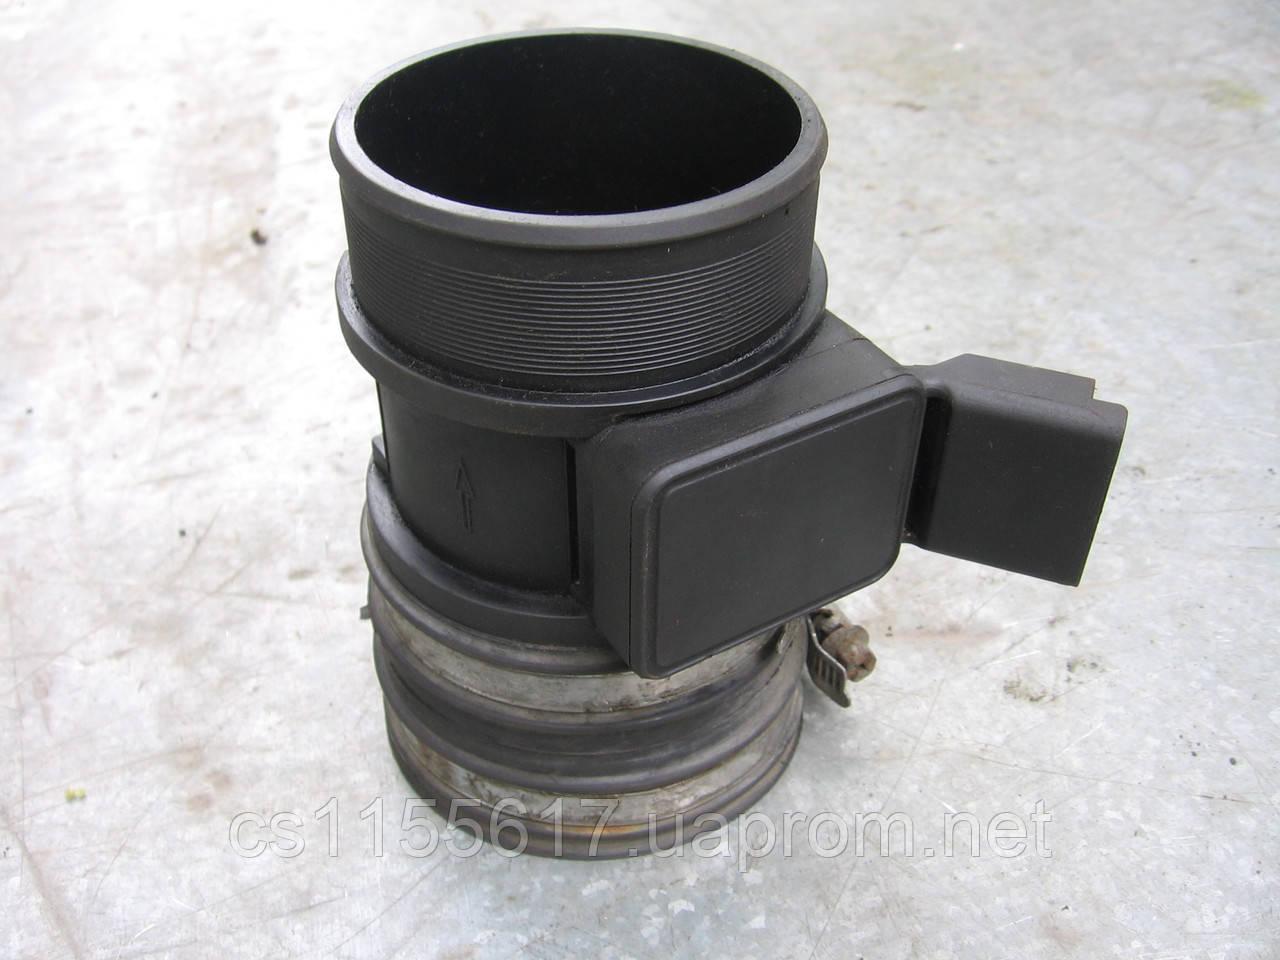 Расходомер воздуха 9628336380 б/у 2.0HDi, 2.2HDi на Citroen Jumper, Fiat Ducato, Peugeot Boxer с 2002 года